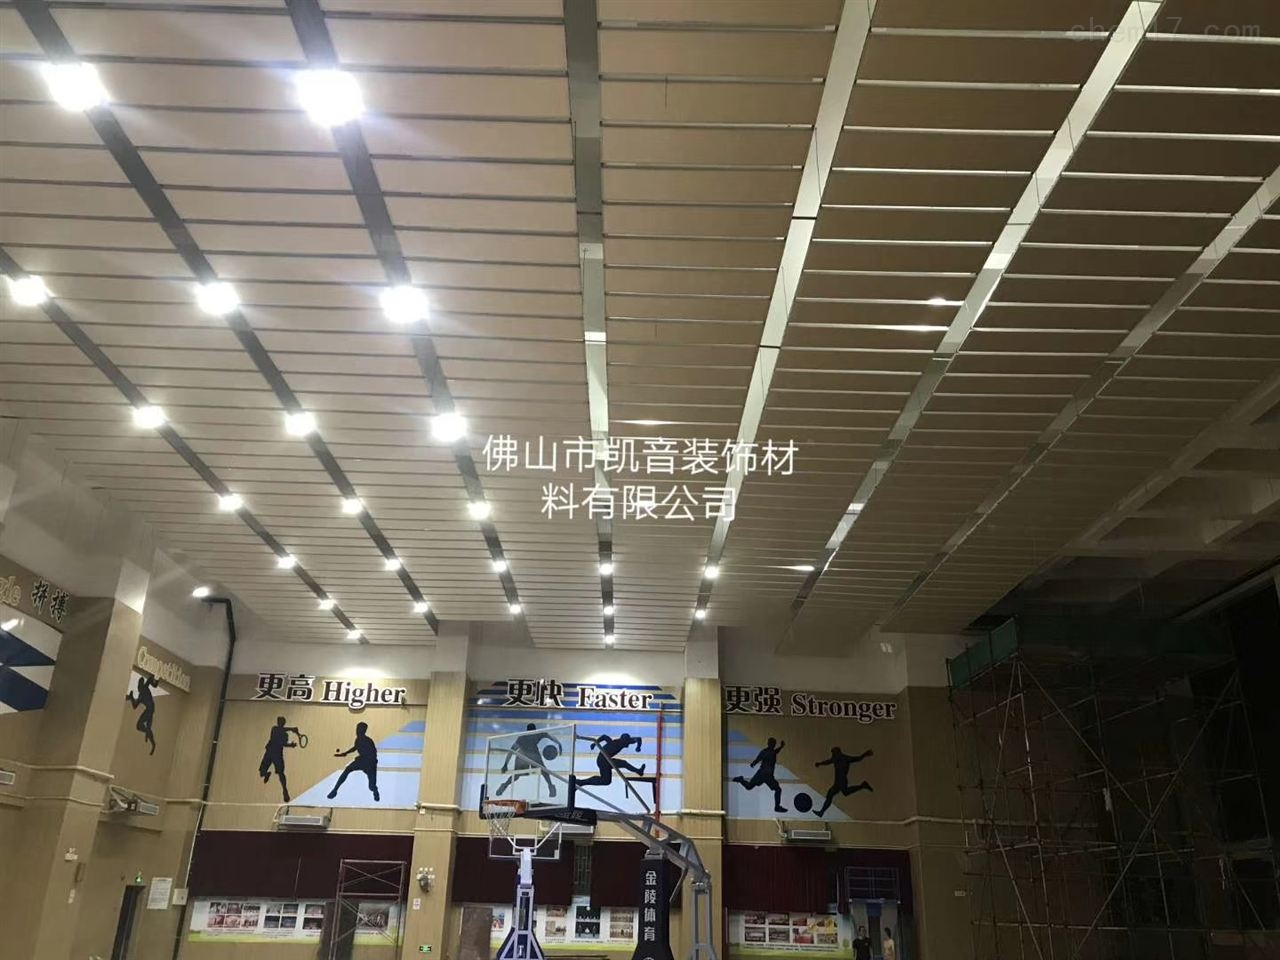 大礼堂铝框空间吸声体厂家